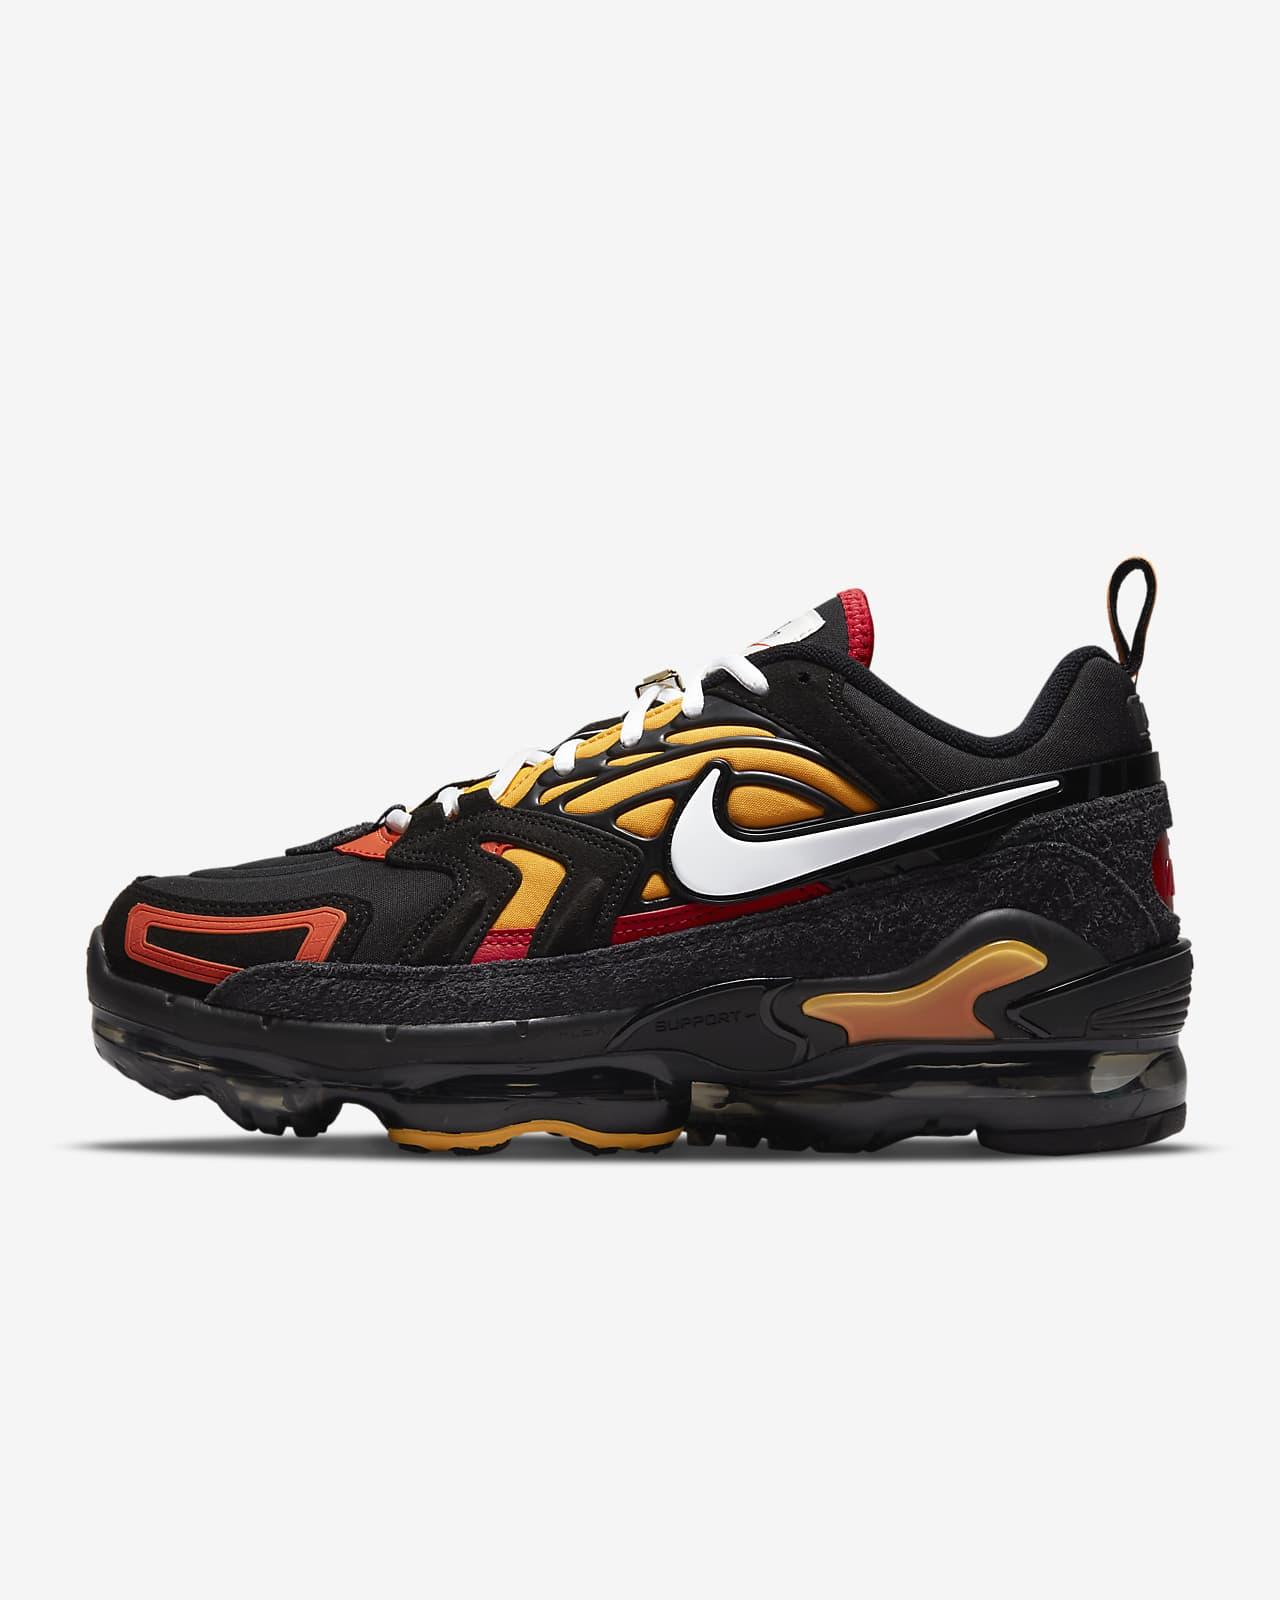 Nike Air Vapormax Evo SE Men's Shoe